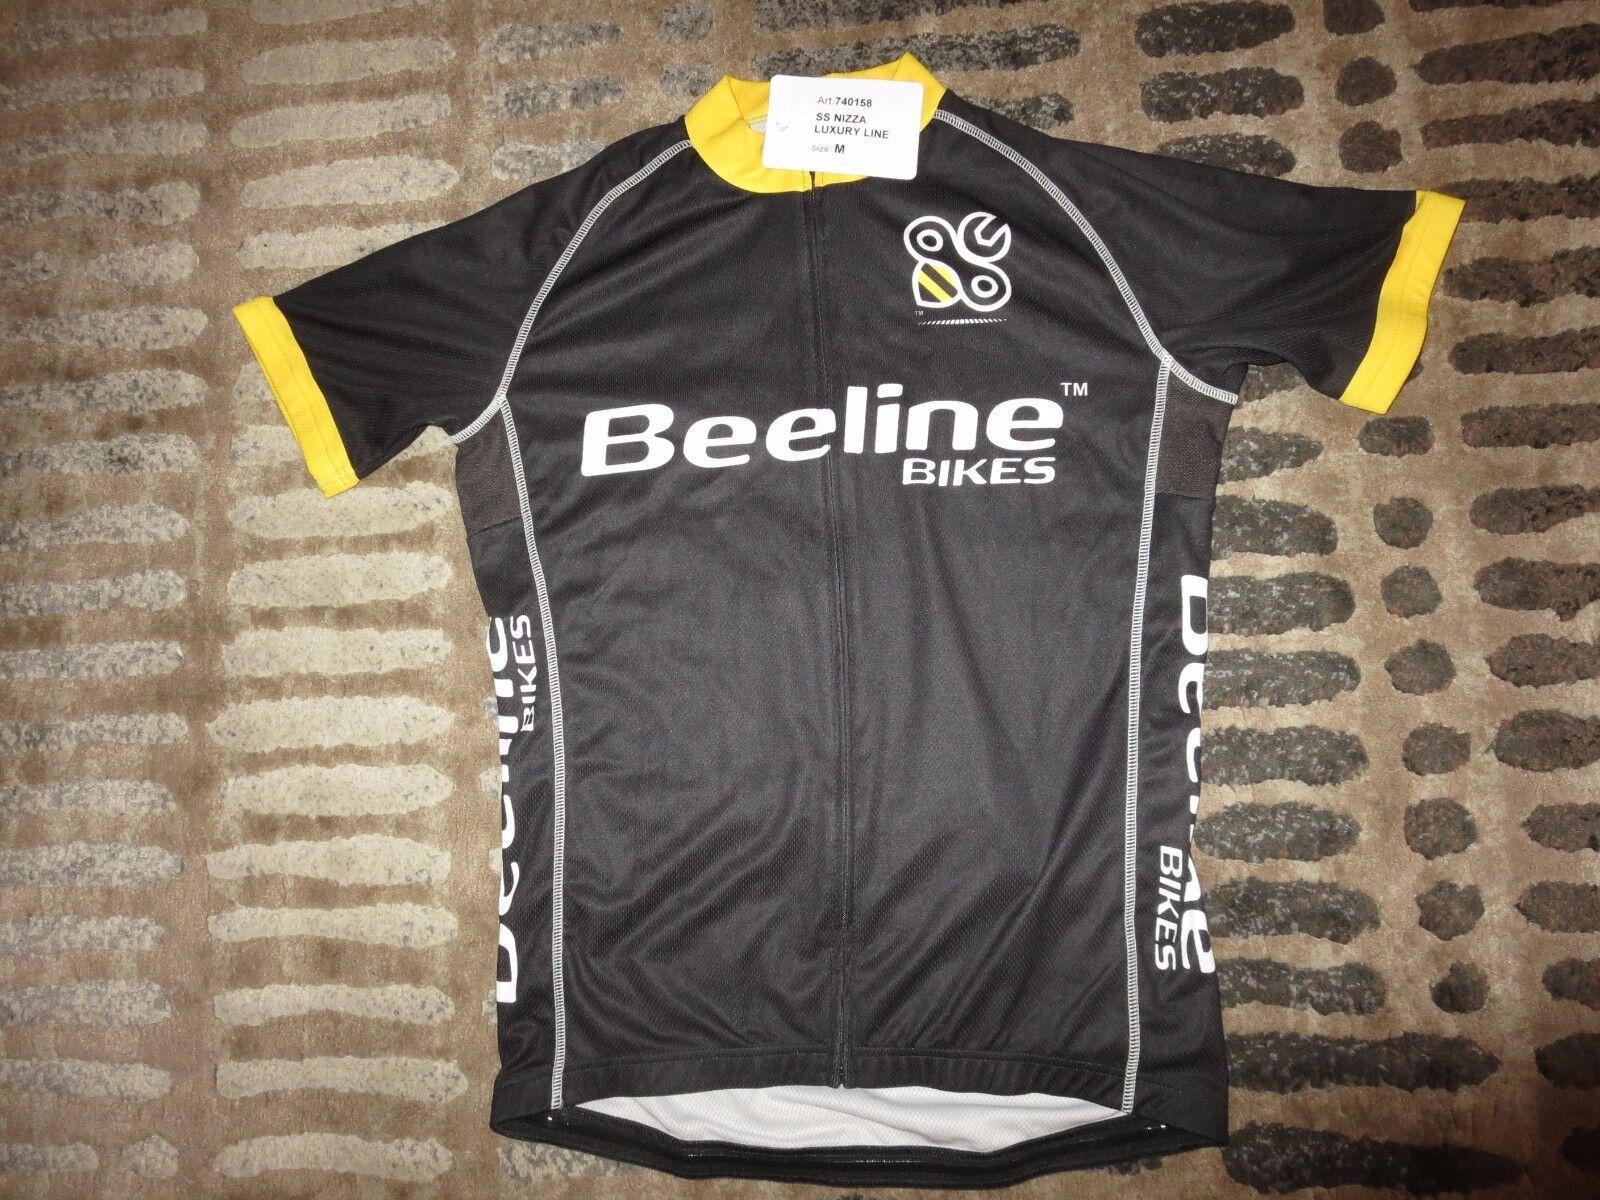 Beeline Bikes Ciclismo Biciclette Maglia Bavaglino M MEDIA Nuovo